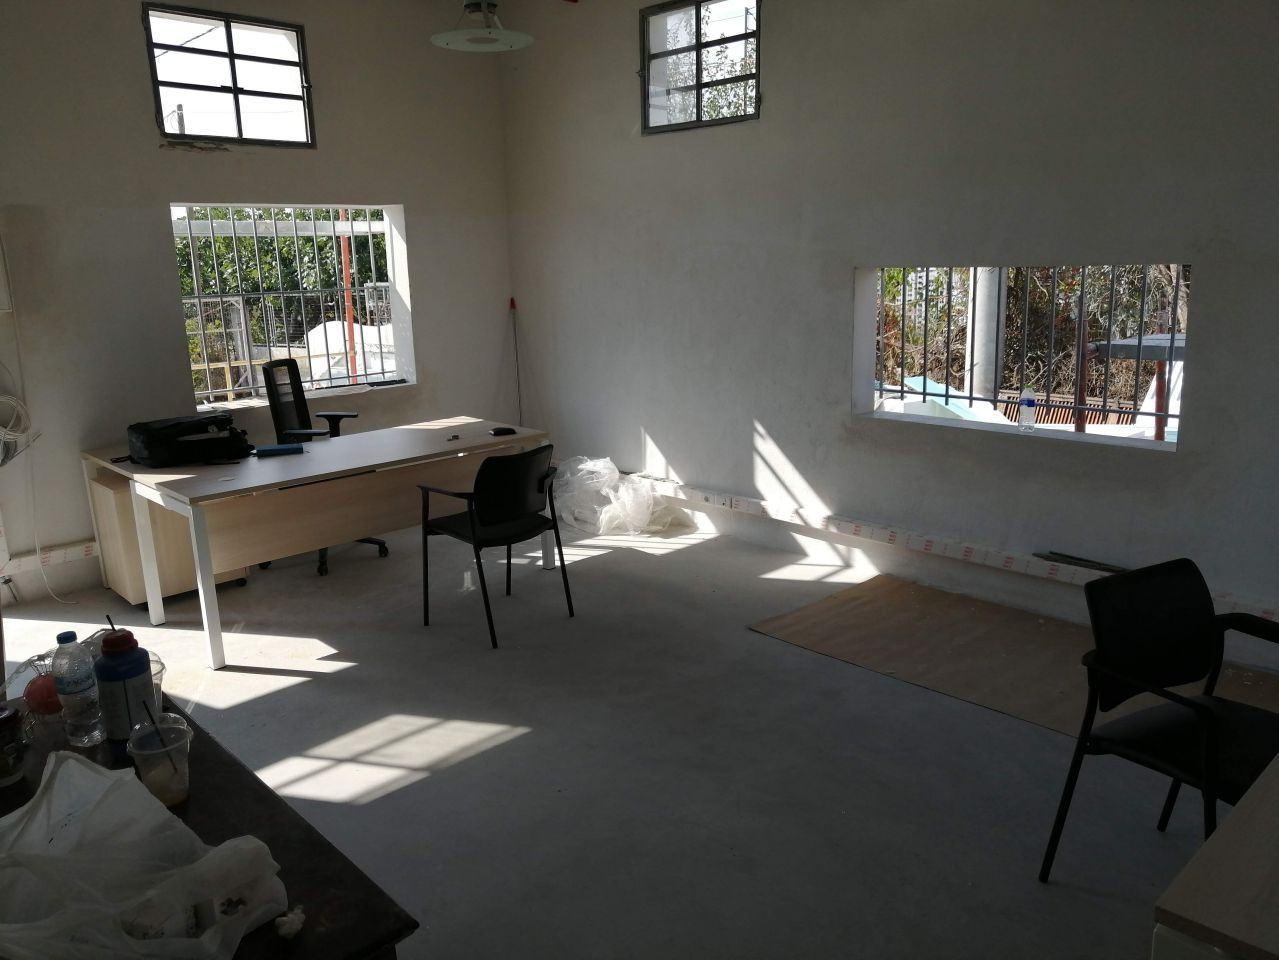 Γραφεία – Αποθήκη Contrust, Γέρακας